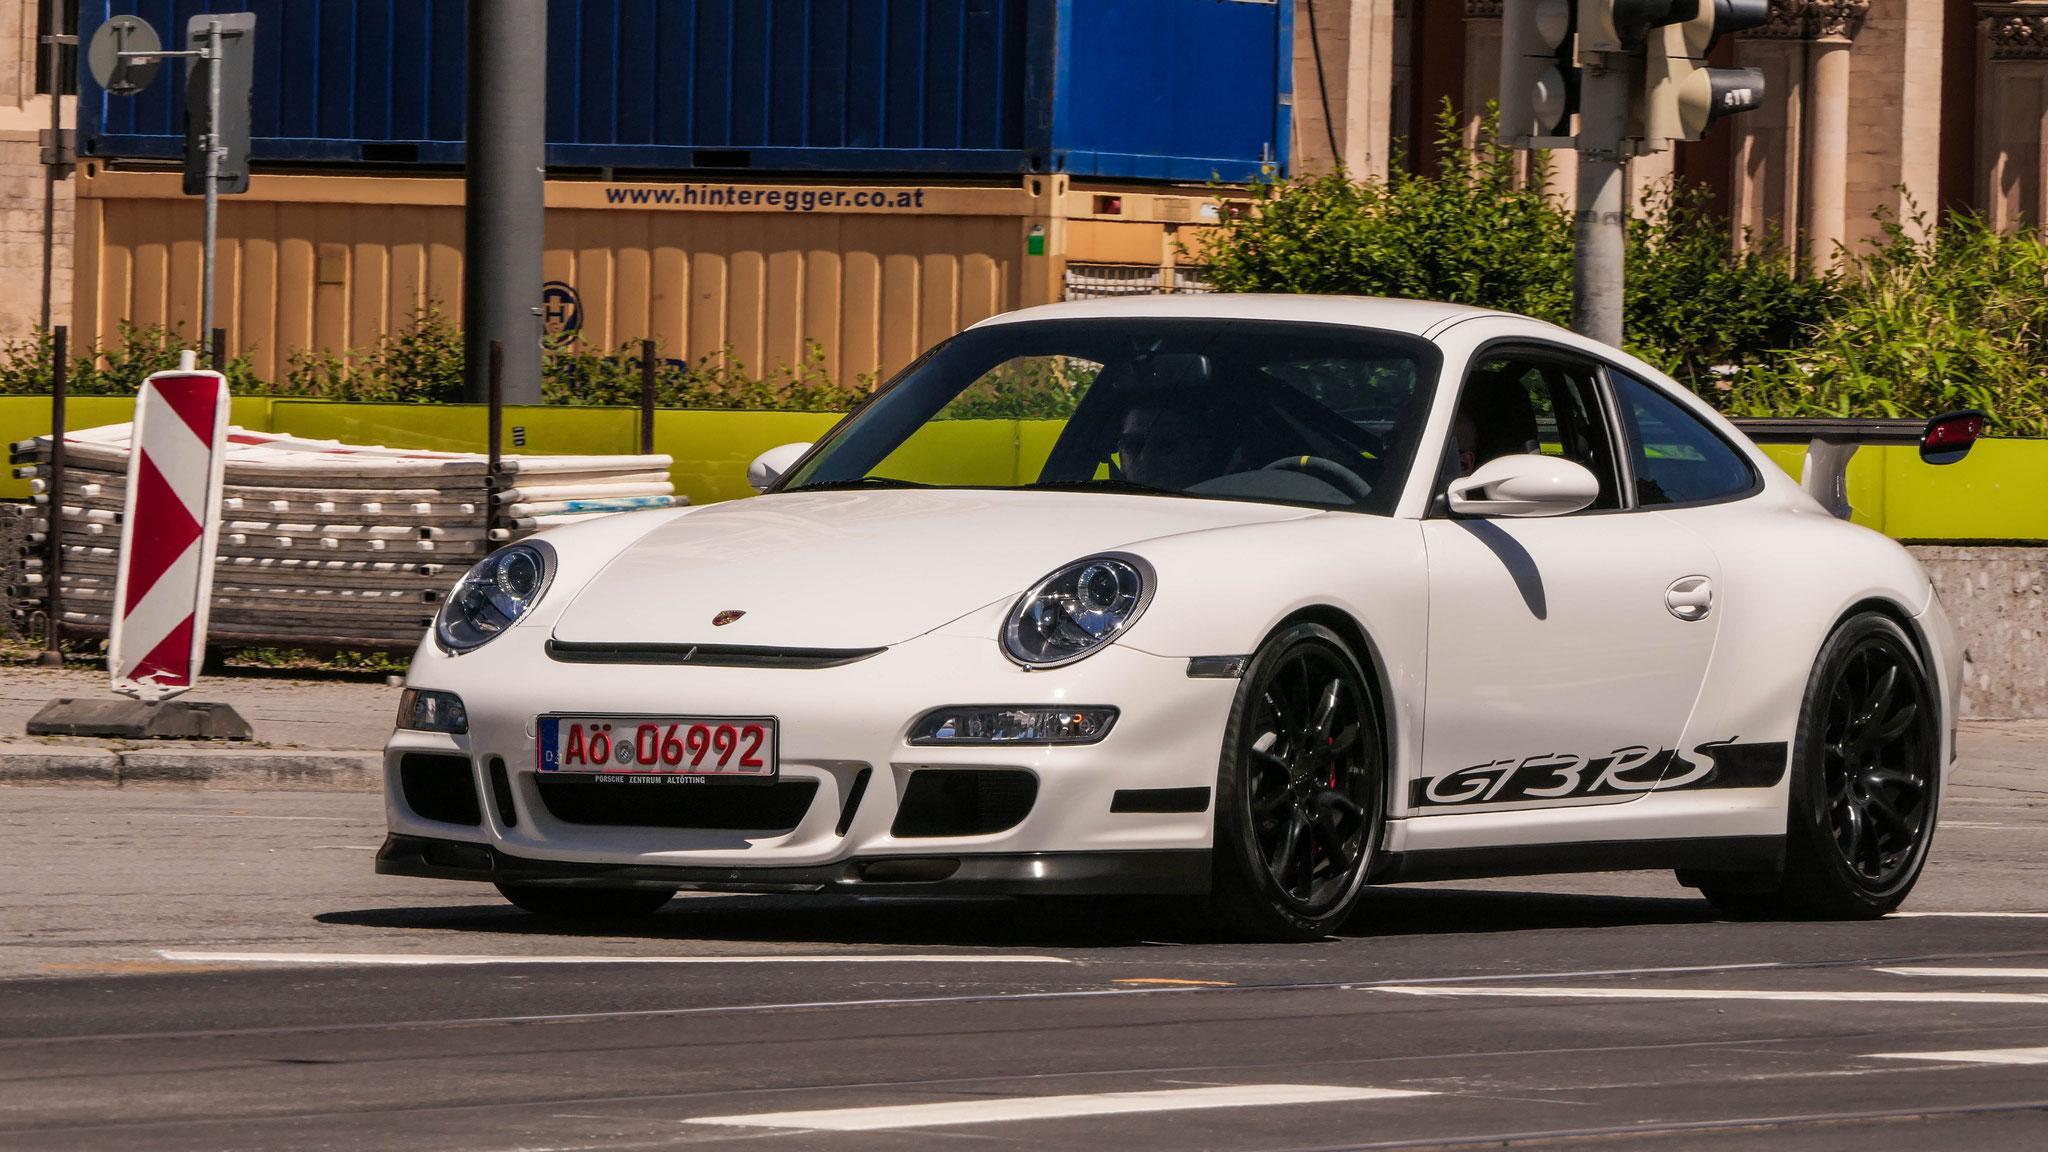 Porsche 911 GT3 RS - AÖ-06992